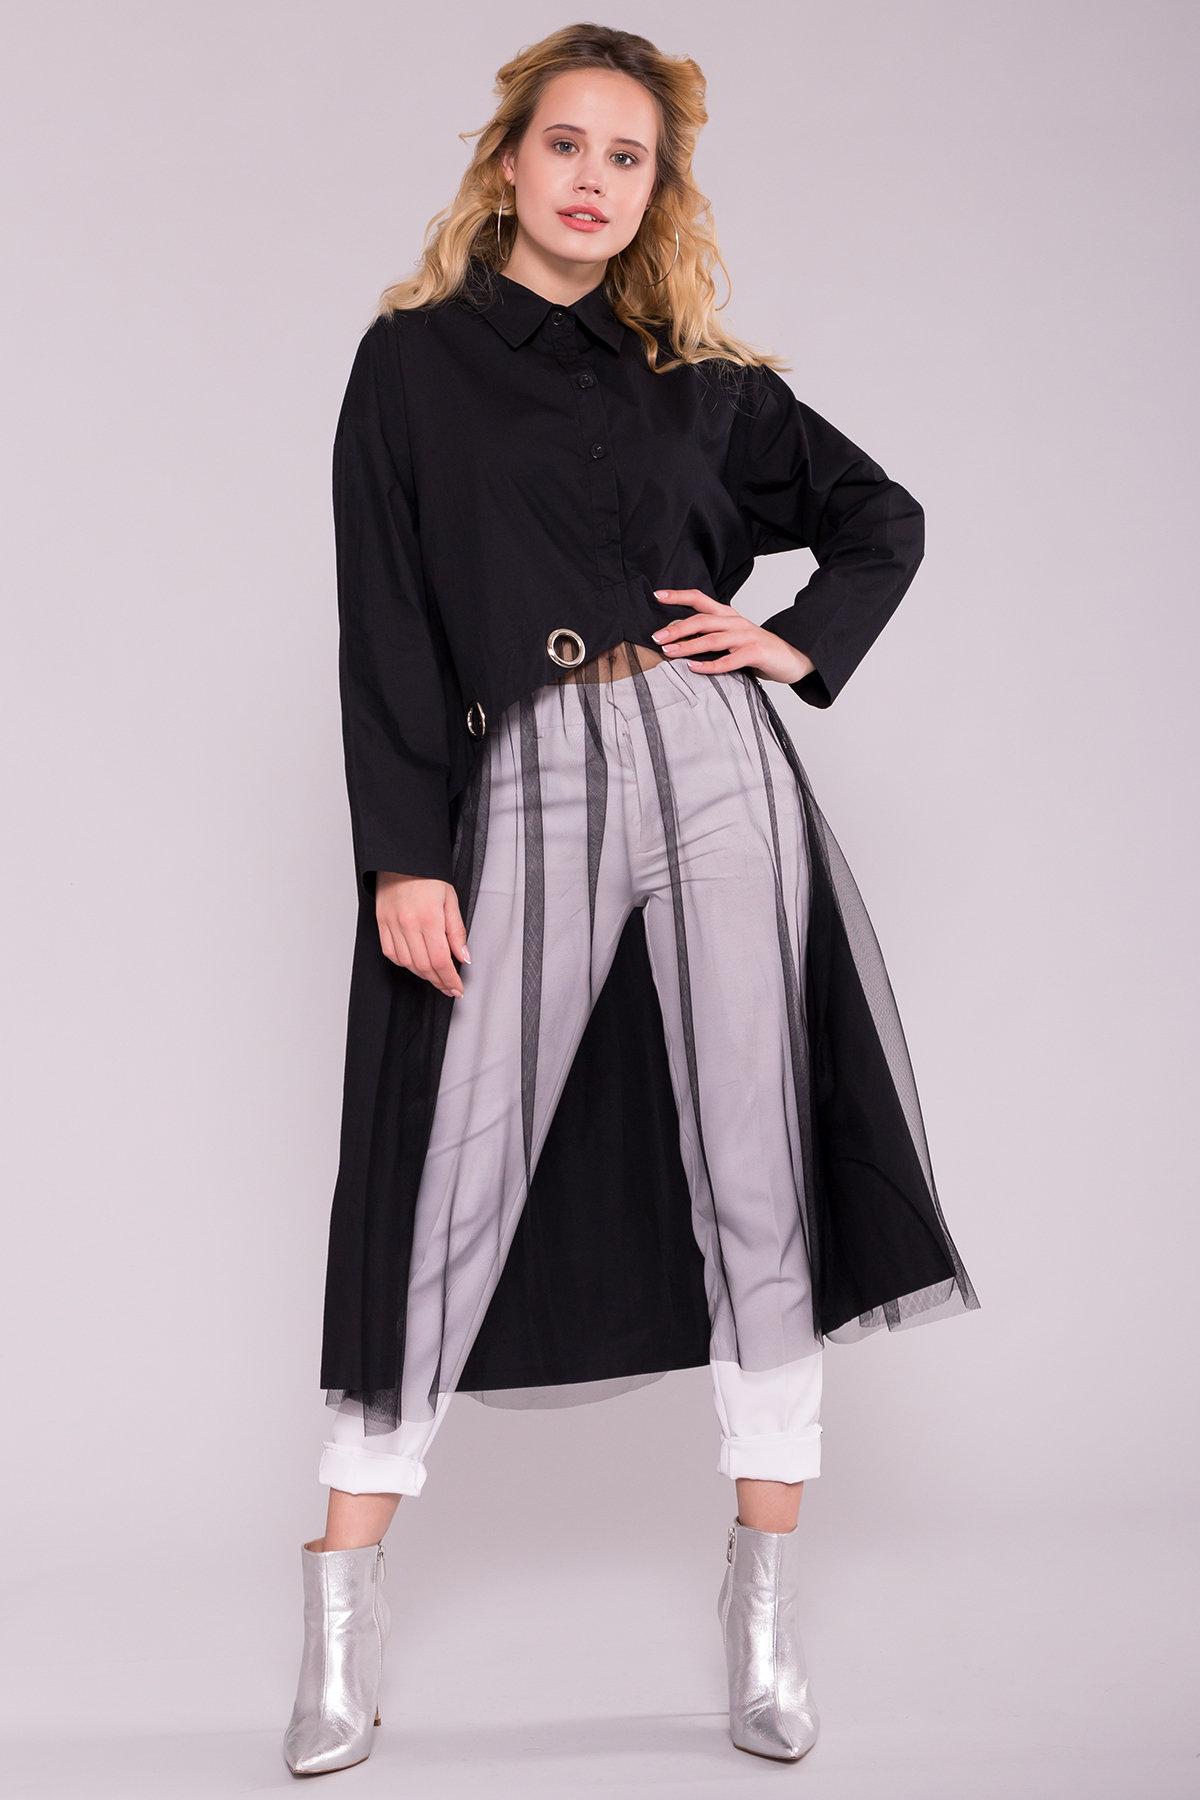 Купить платья оптом Украина Черное Платье 7169